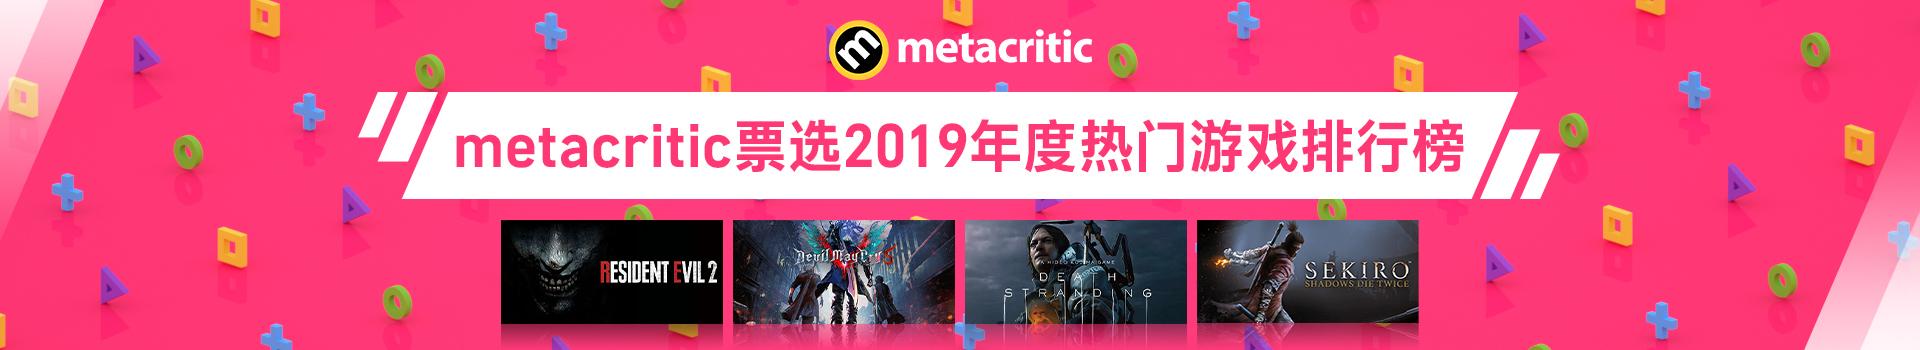 >metacritic票选2019年度热门游戏排行榜